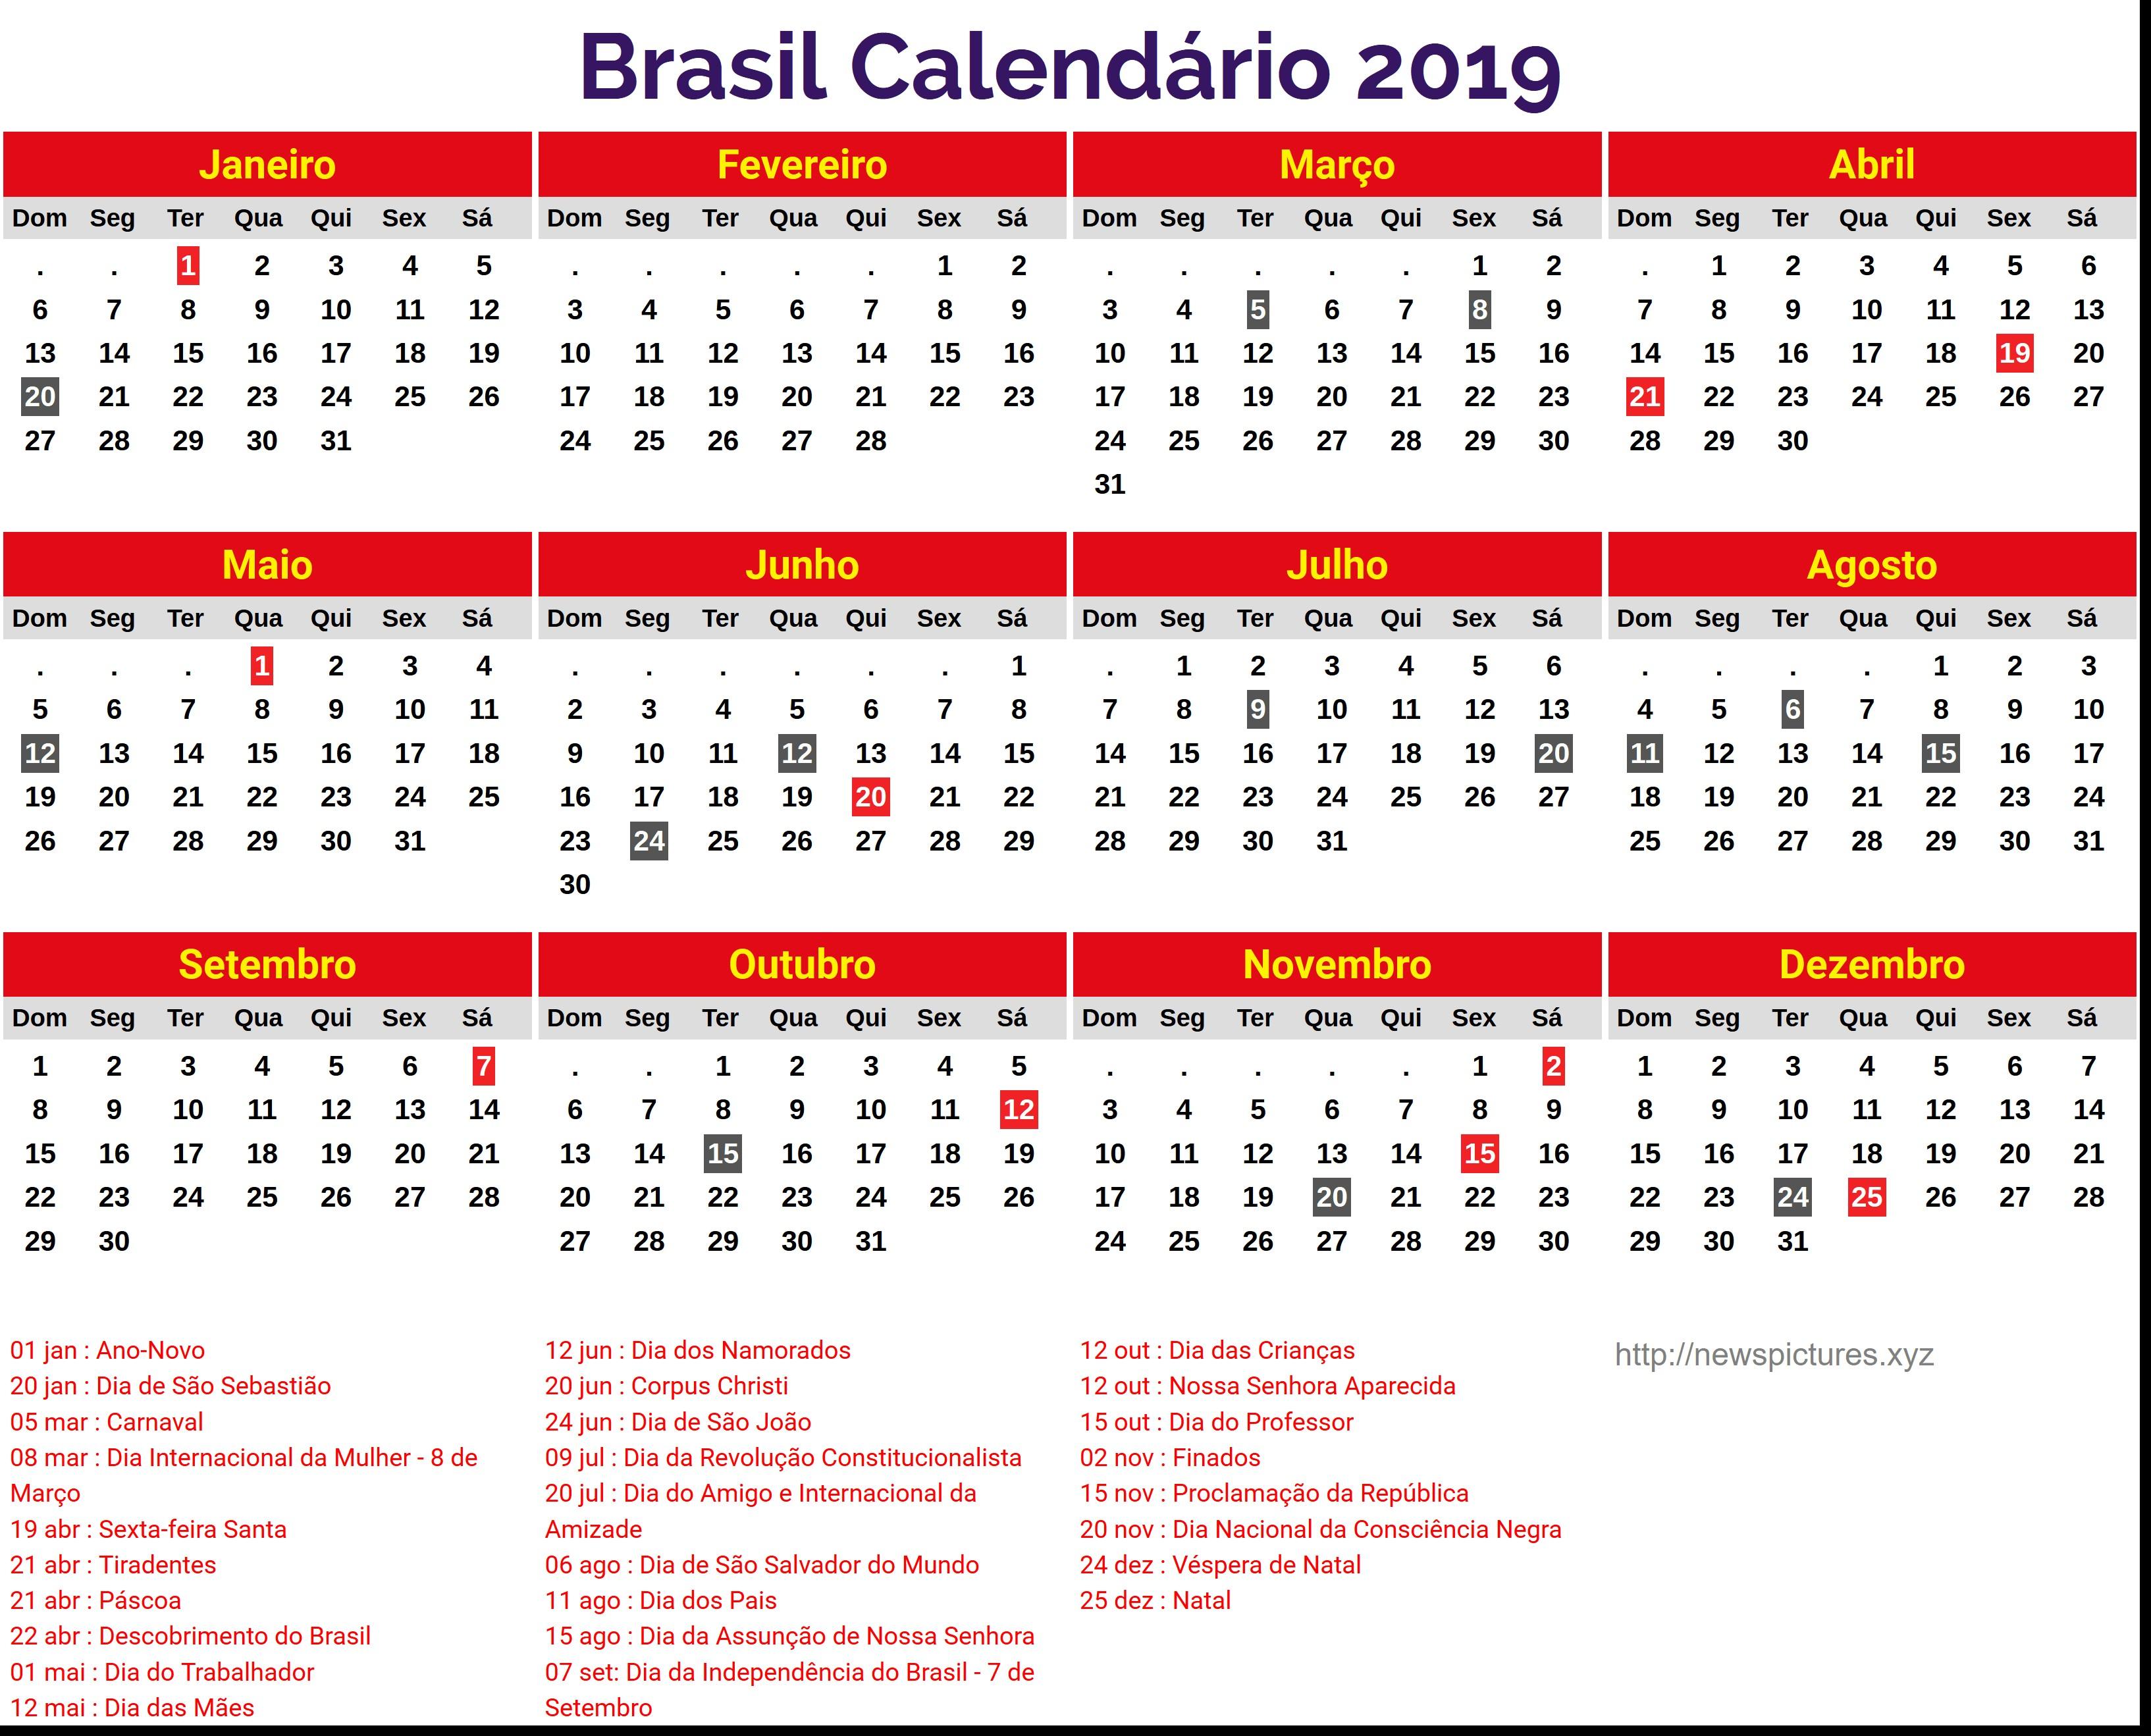 Calendario 2019 Portugal.com Feriados Nacionais Recientes Calendario 2019 Portugal Feriados Excel Of Calendario 2019 Portugal.com Feriados Nacionais Más Populares Noticias Calendario 2019 Mes De Abril